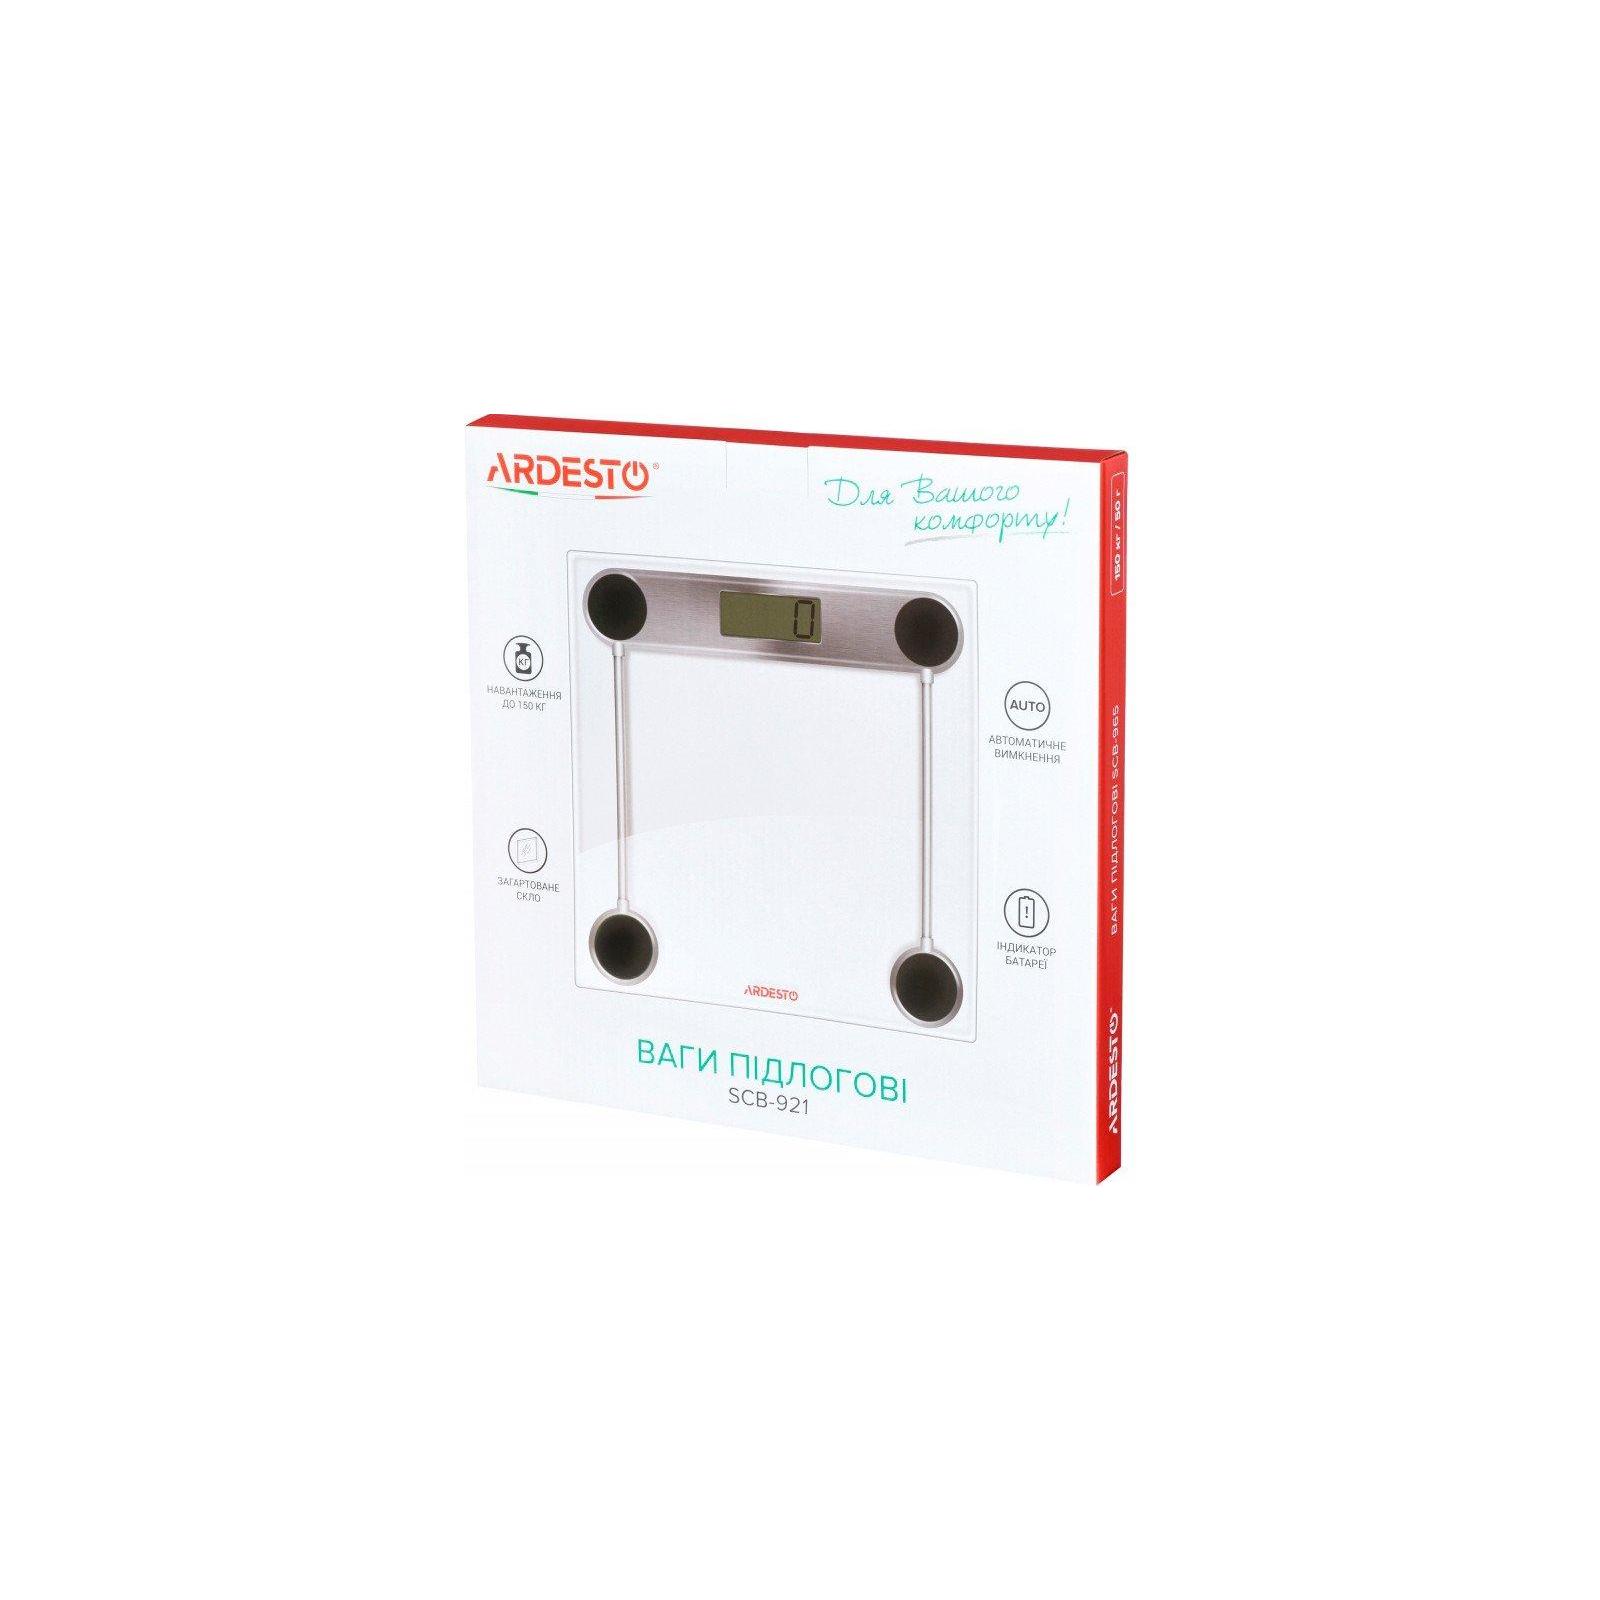 Весы напольные Ardesto SCB-921 изображение 5